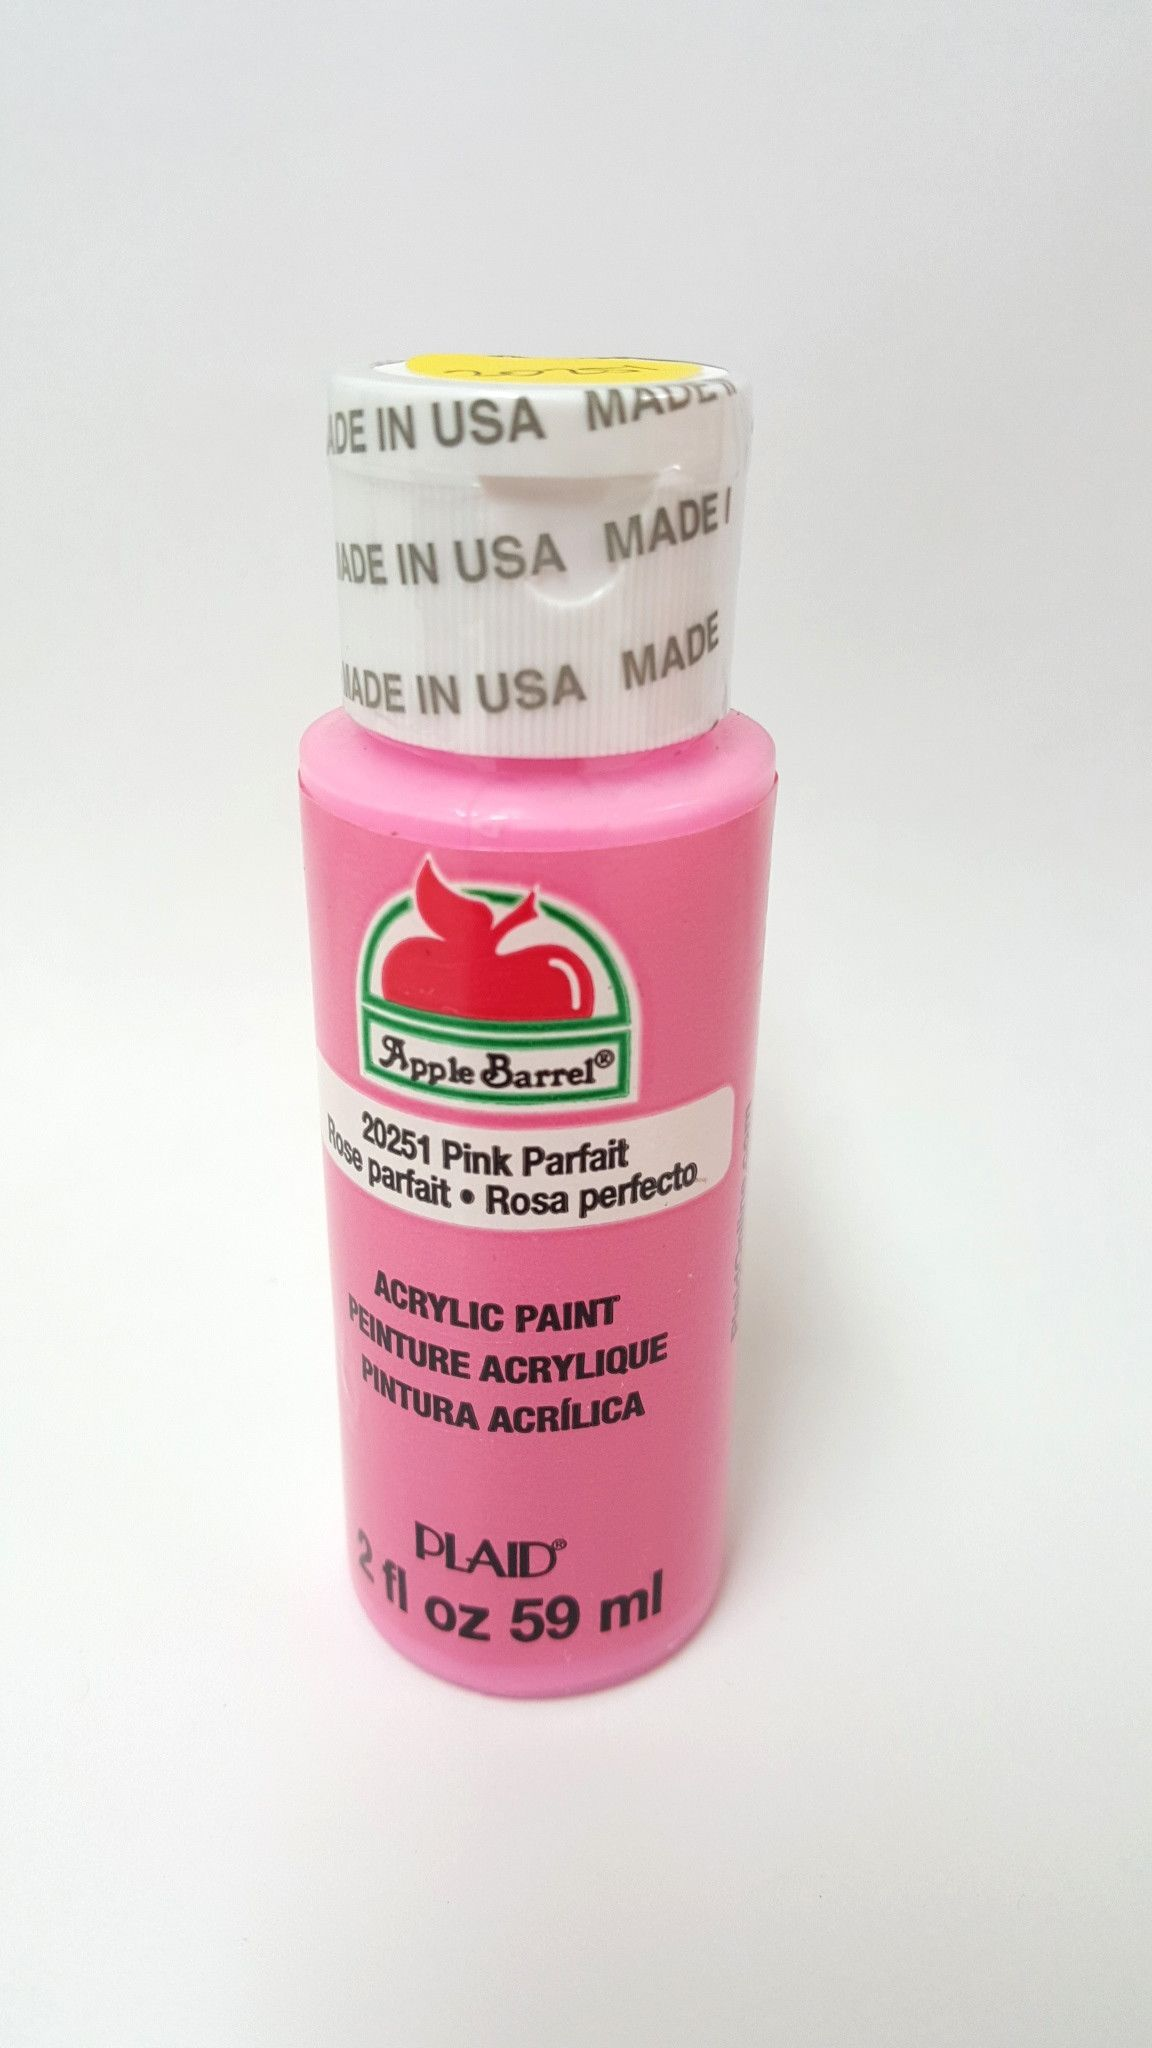 Apple Barrel 20251 Pink Parfait Acrylic Paint 2 fl oz